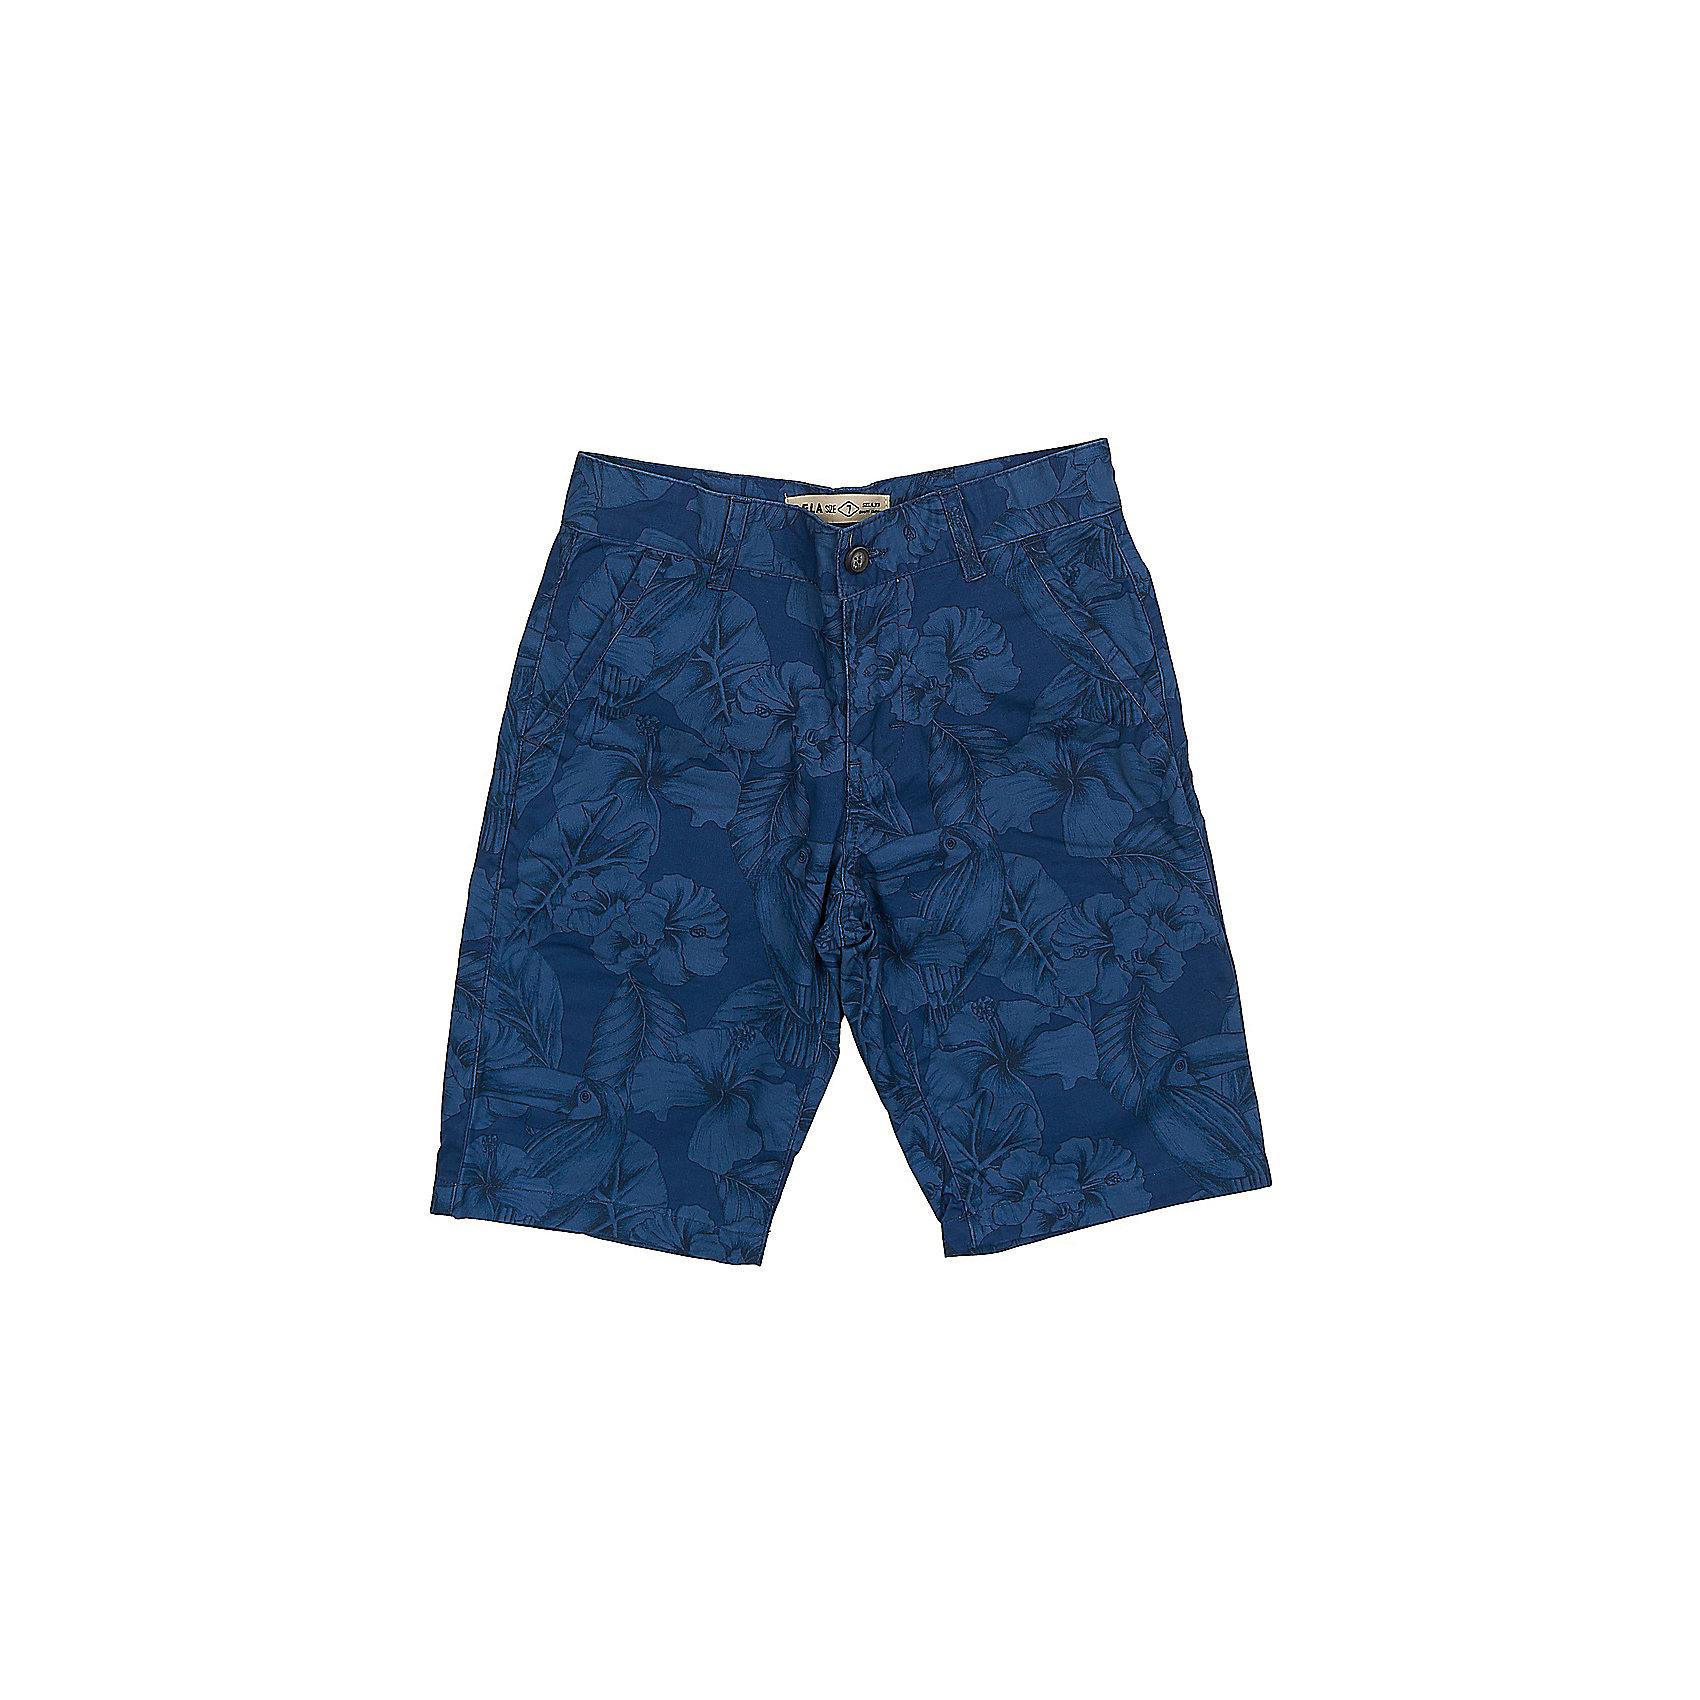 Шорты для мальчика SELAСтильные шорты для мальчика от популярного бренда SELA. Изделие выполнено из натурального гипоаллергенного материала, хорошо держащего форму, дышащего и приятного к телу, и обладает следующими особенностями:<br>- темно-синий цвет, эффектный принт;<br>- пояс со шлевками для ремня;<br>- удобная застежка;<br>- функциональные карманы;<br>- комфортный крой, не сковывающий движения.<br>Отличный выбор для активного лета!<br><br>Дополнительная информация:<br>- состав: 100% хлопок<br>- цвет: темно-синий + принт<br><br>Шорты для мальчика SELA (СЕЛА) можно купить в нашем магазине<br><br>Ширина мм: 191<br>Глубина мм: 10<br>Высота мм: 175<br>Вес г: 273<br>Цвет: синий<br>Возраст от месяцев: 72<br>Возраст до месяцев: 84<br>Пол: Мужской<br>Возраст: Детский<br>Размер: 122,152,116,128,134,140,146<br>SKU: 4741839